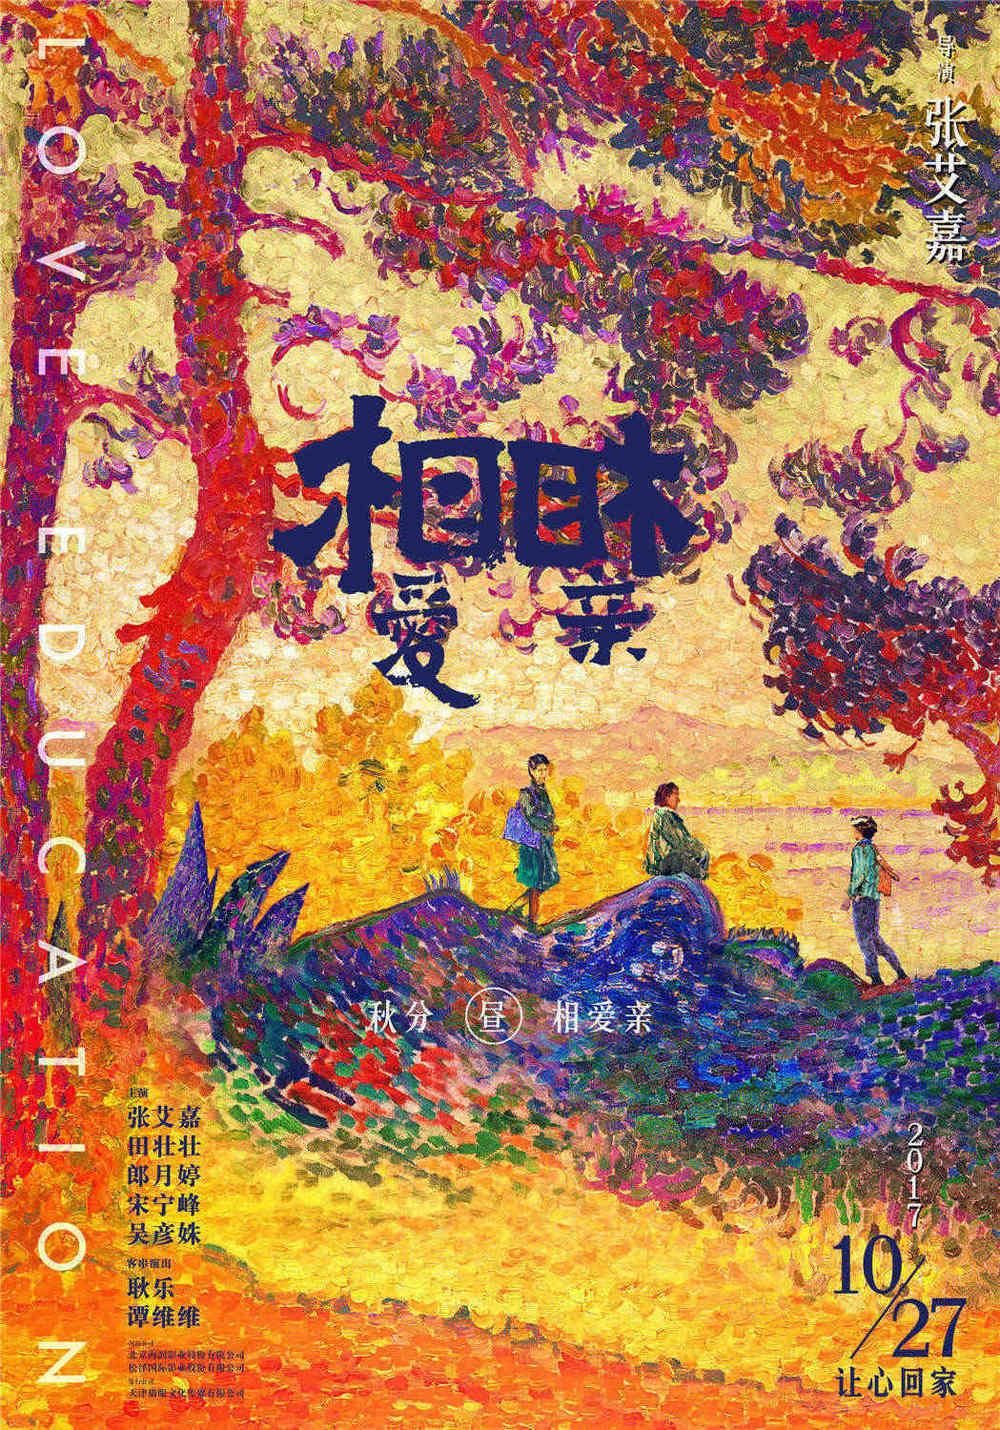 Xiang Ai Xiang Qin